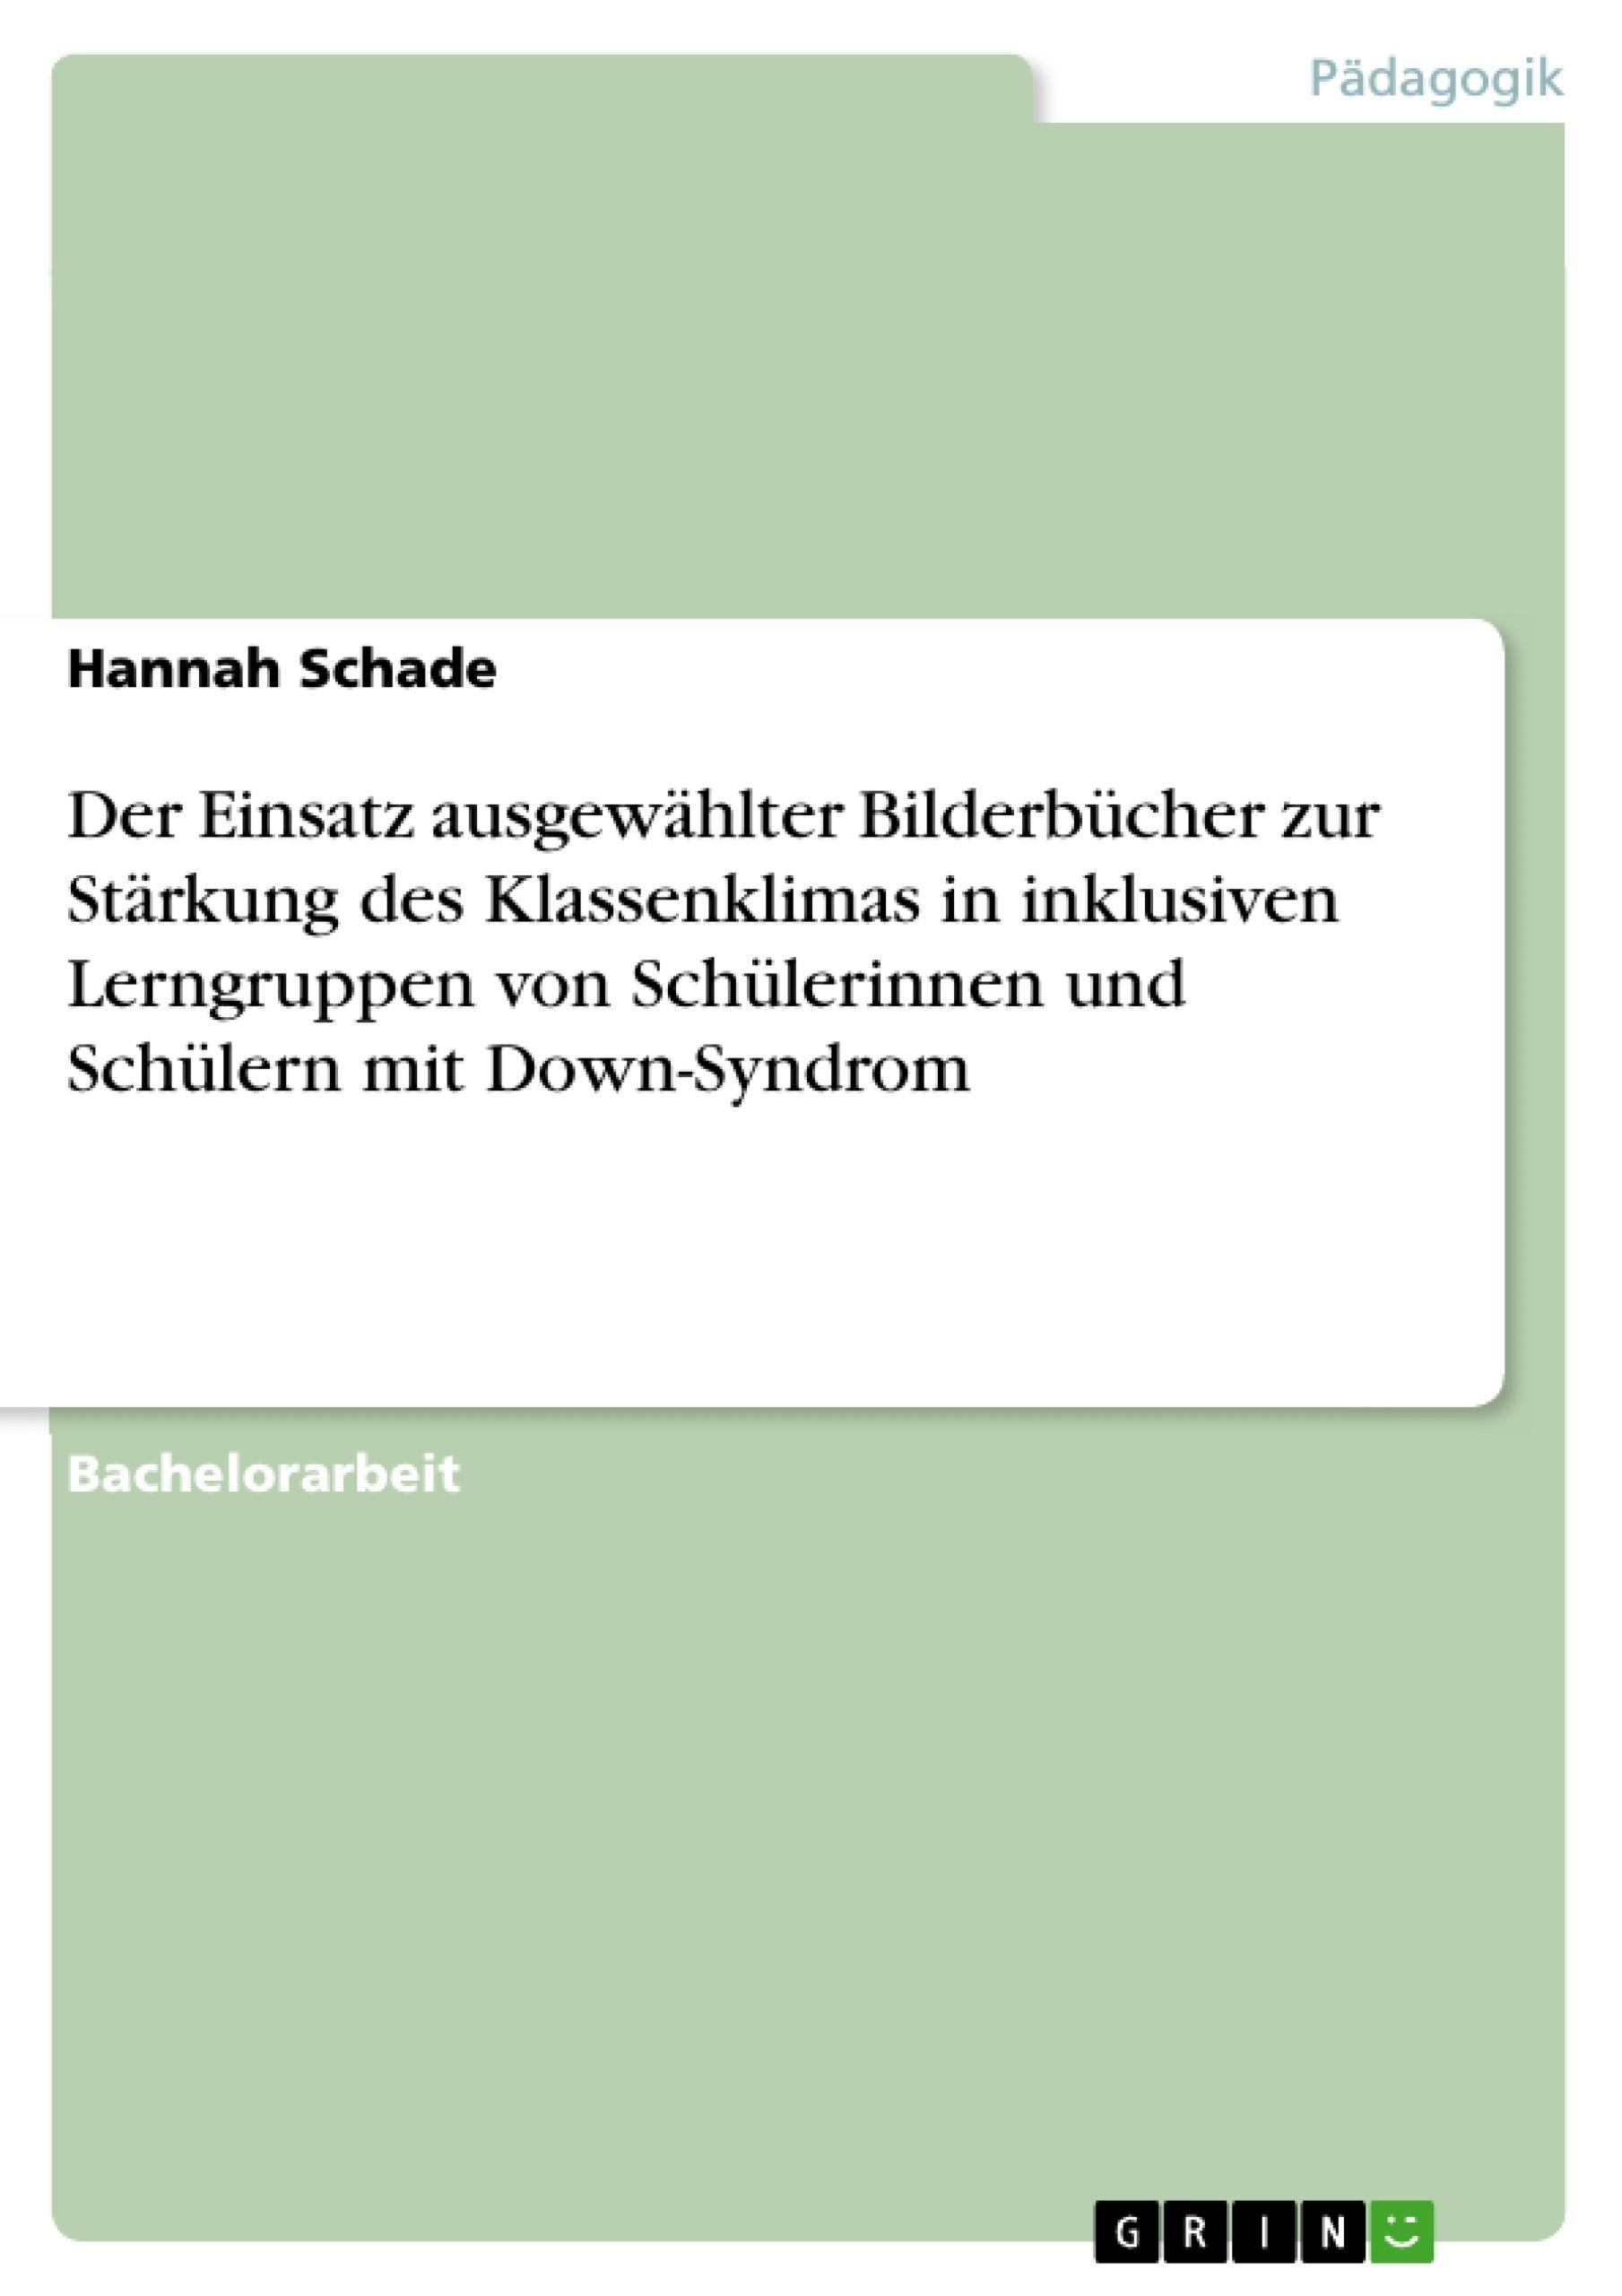 Titel: Der Einsatz ausgewählter Bilderbücher zur Stärkung des Klassenklimas in inklusiven Lerngruppen von Schülerinnen und Schülern mit Down-Syndrom